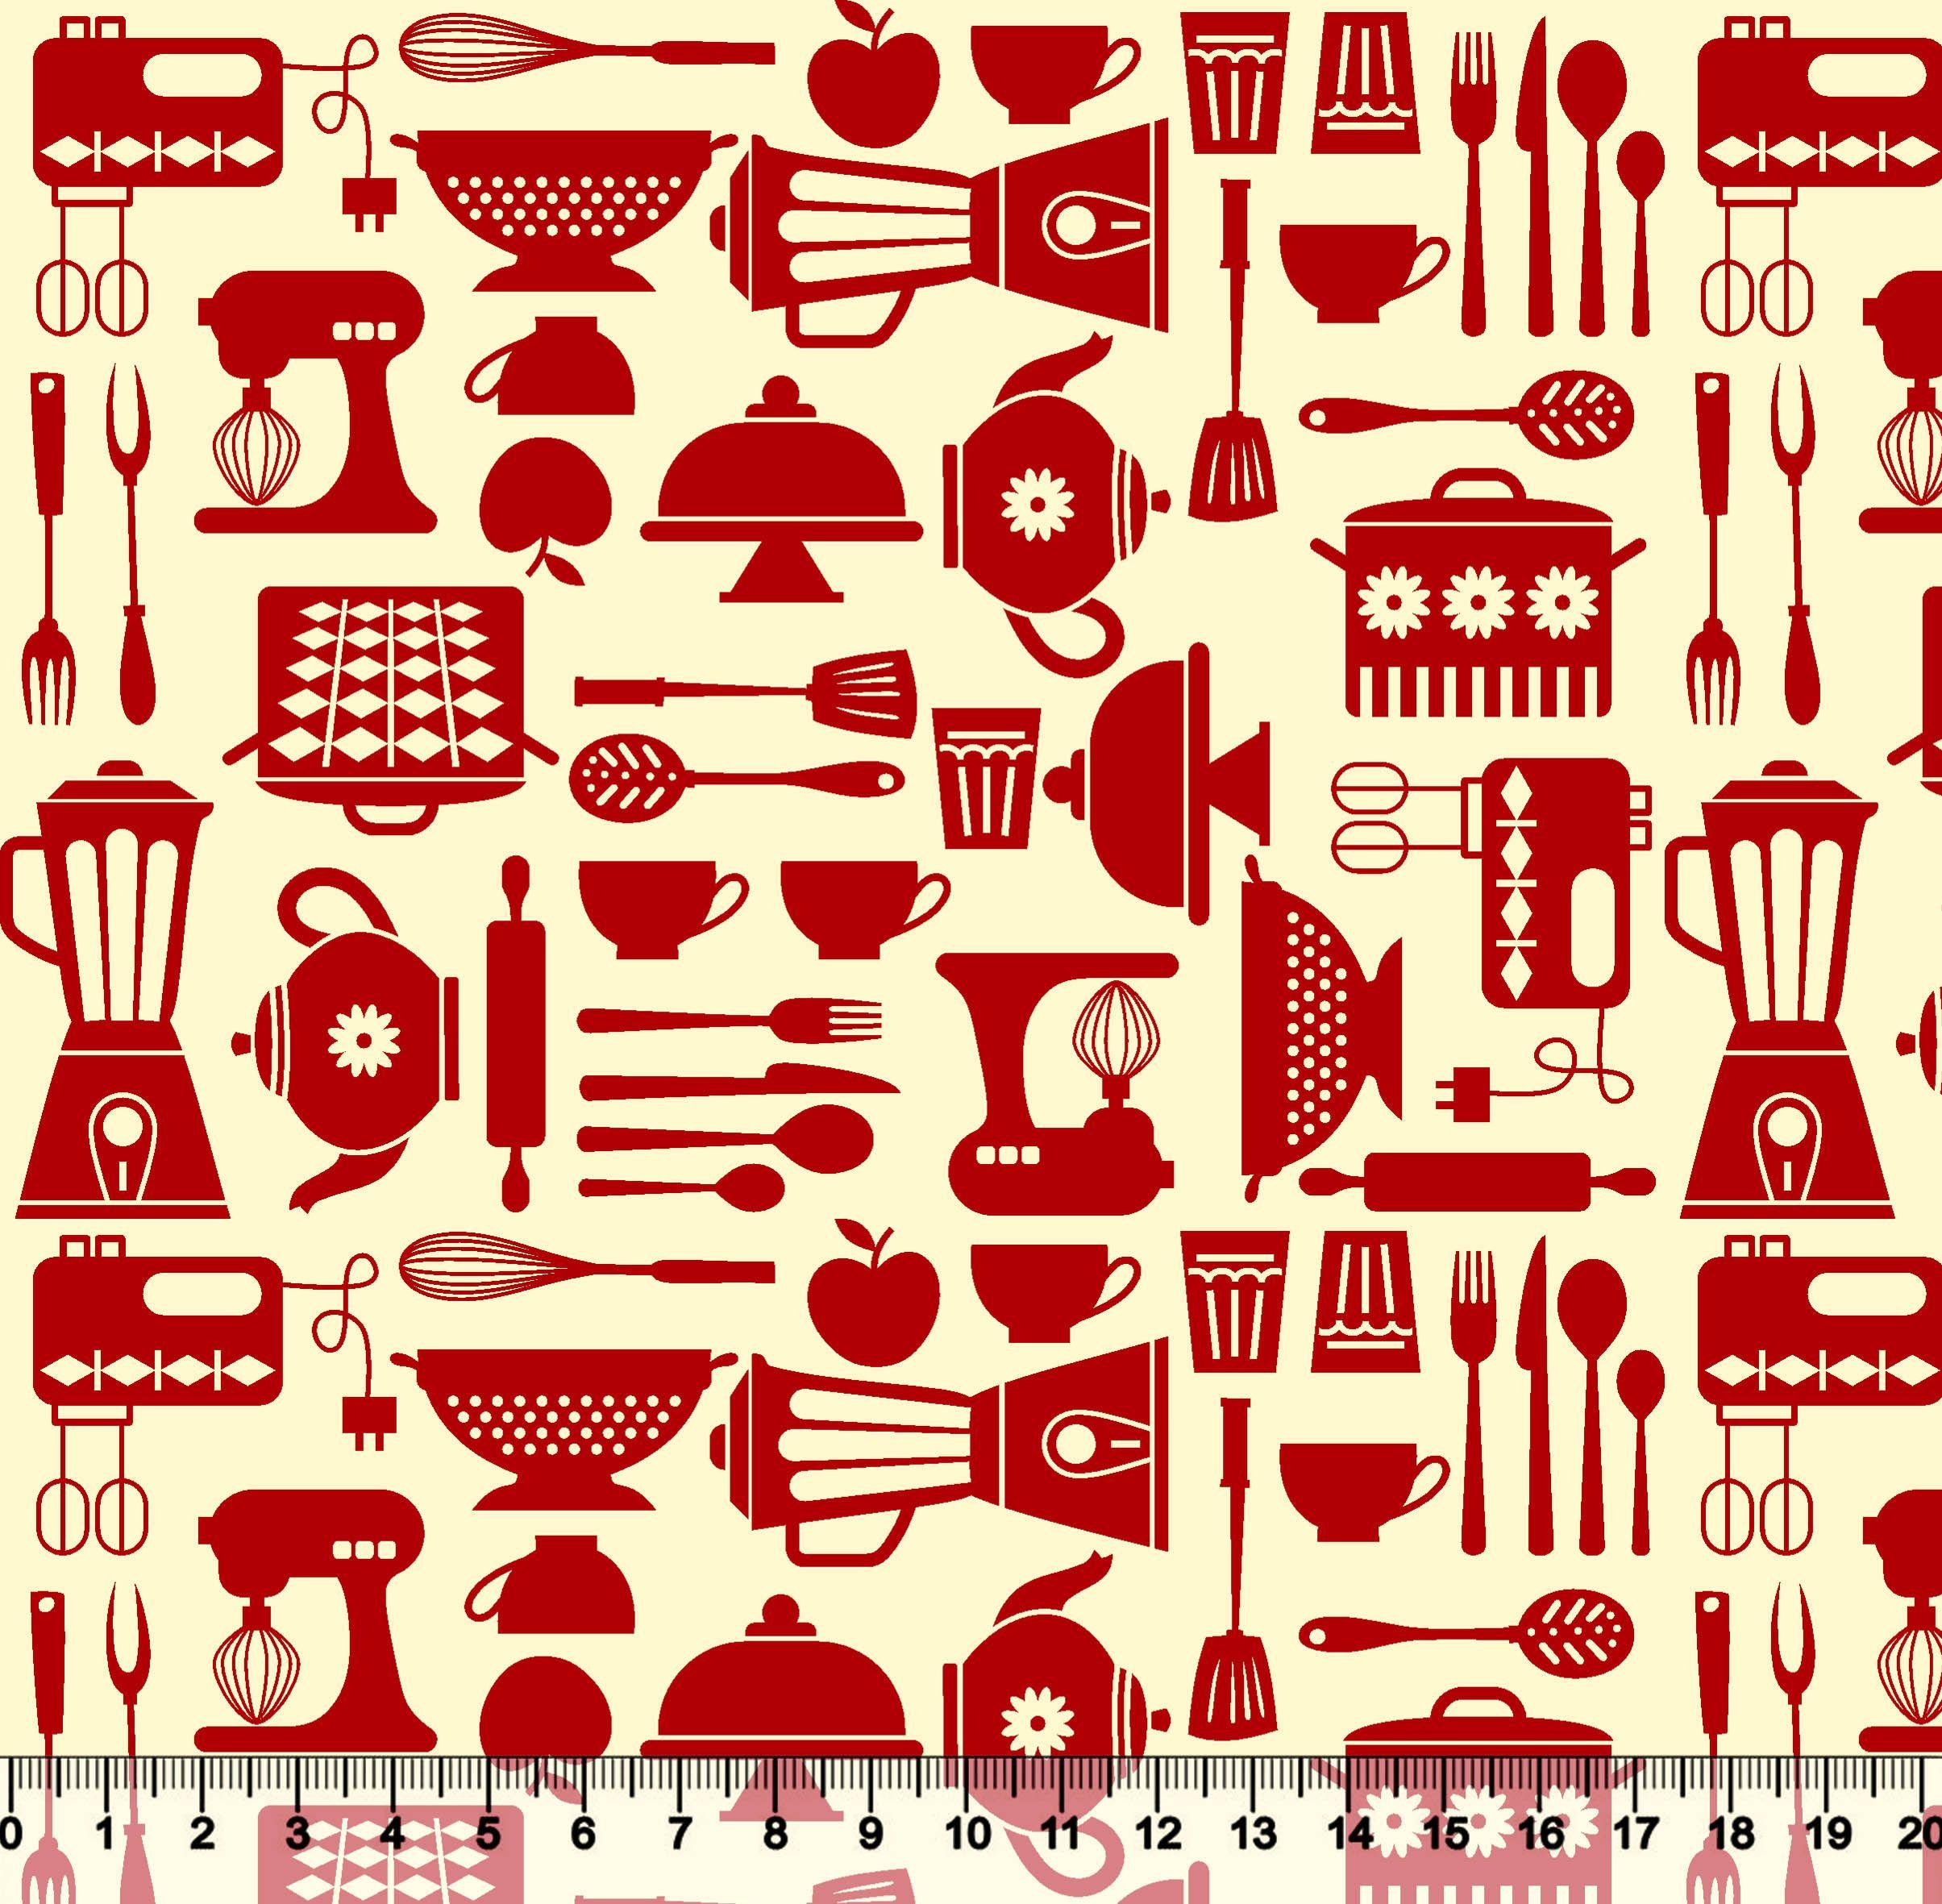 Estampa Cozinha Desenho 5222 Variante 02 Cole O Redeex  ~ Desenho Utensílios De Cozinha